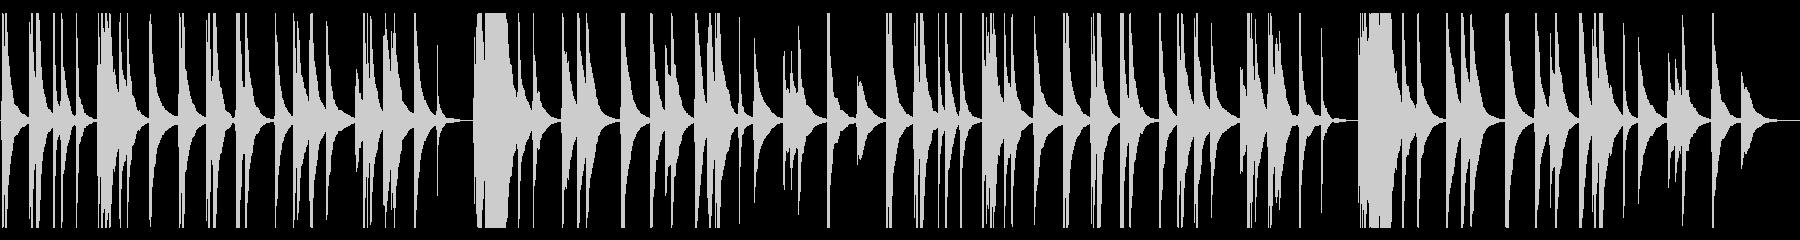 京都の高級日本料亭の琴の未再生の波形